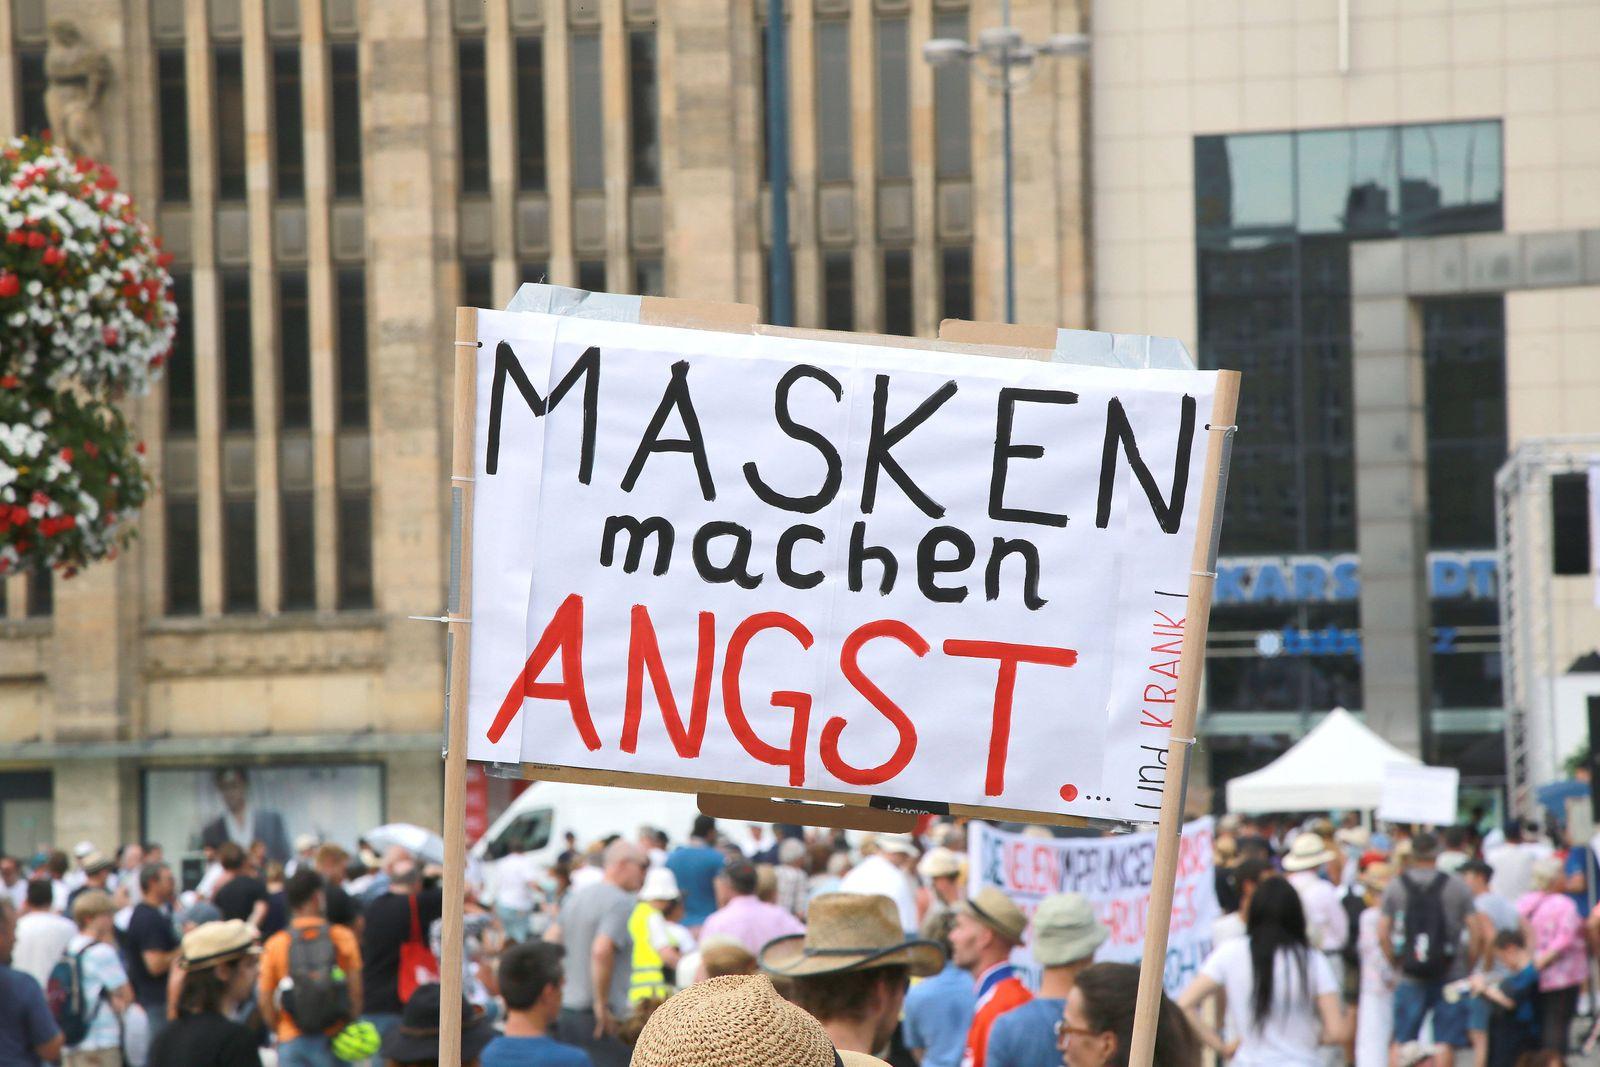 09.08.2020 Dortmund Die Organisation 231 Dortmund hat zur Anticorona Demonstartion / Kundgebung in die Dortmunder Innen